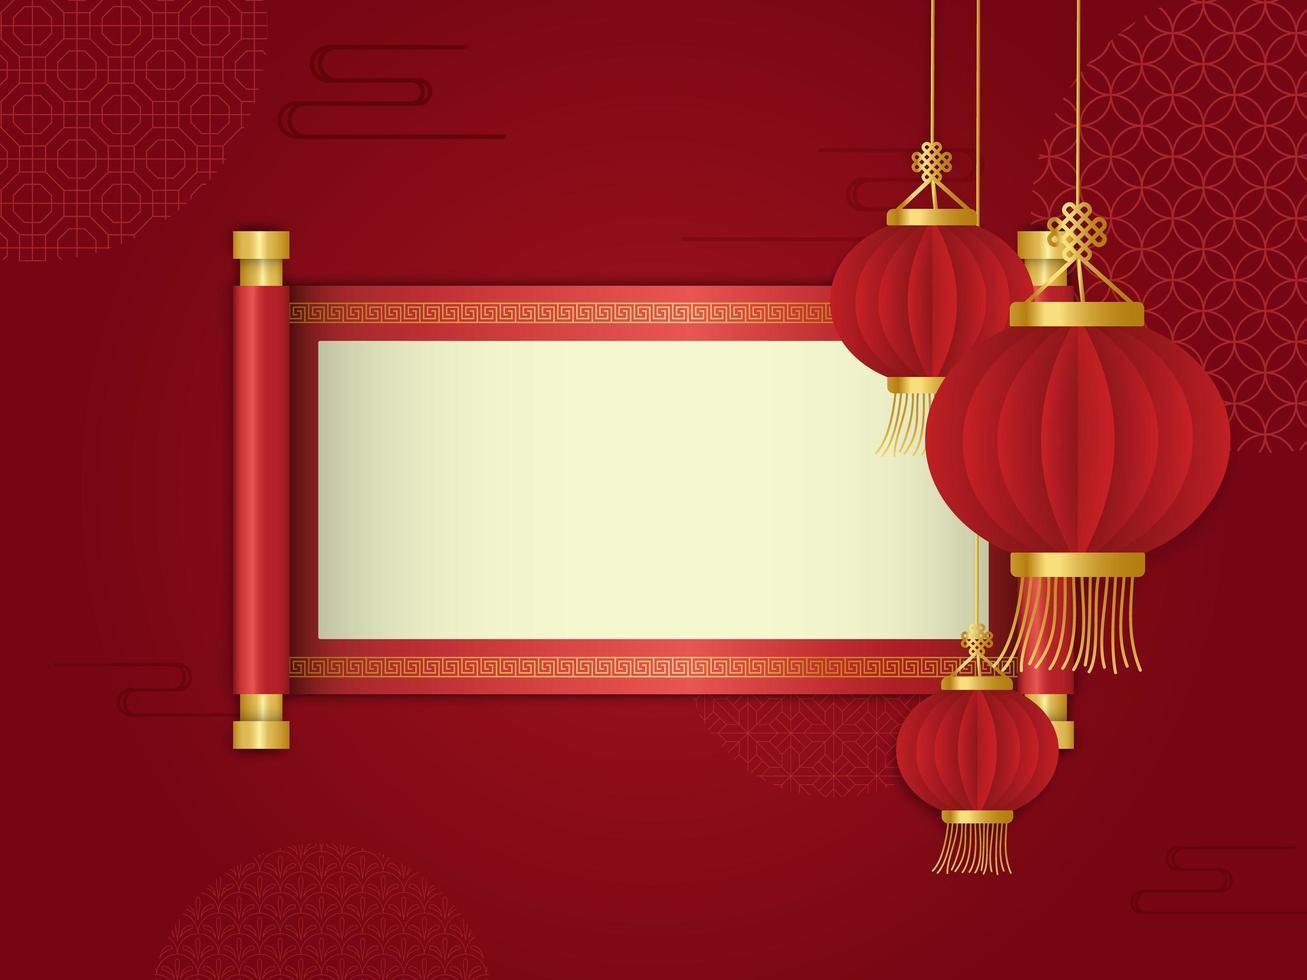 röd lykta och bläddra framför kinesisk abstrakt bakgrund vektor